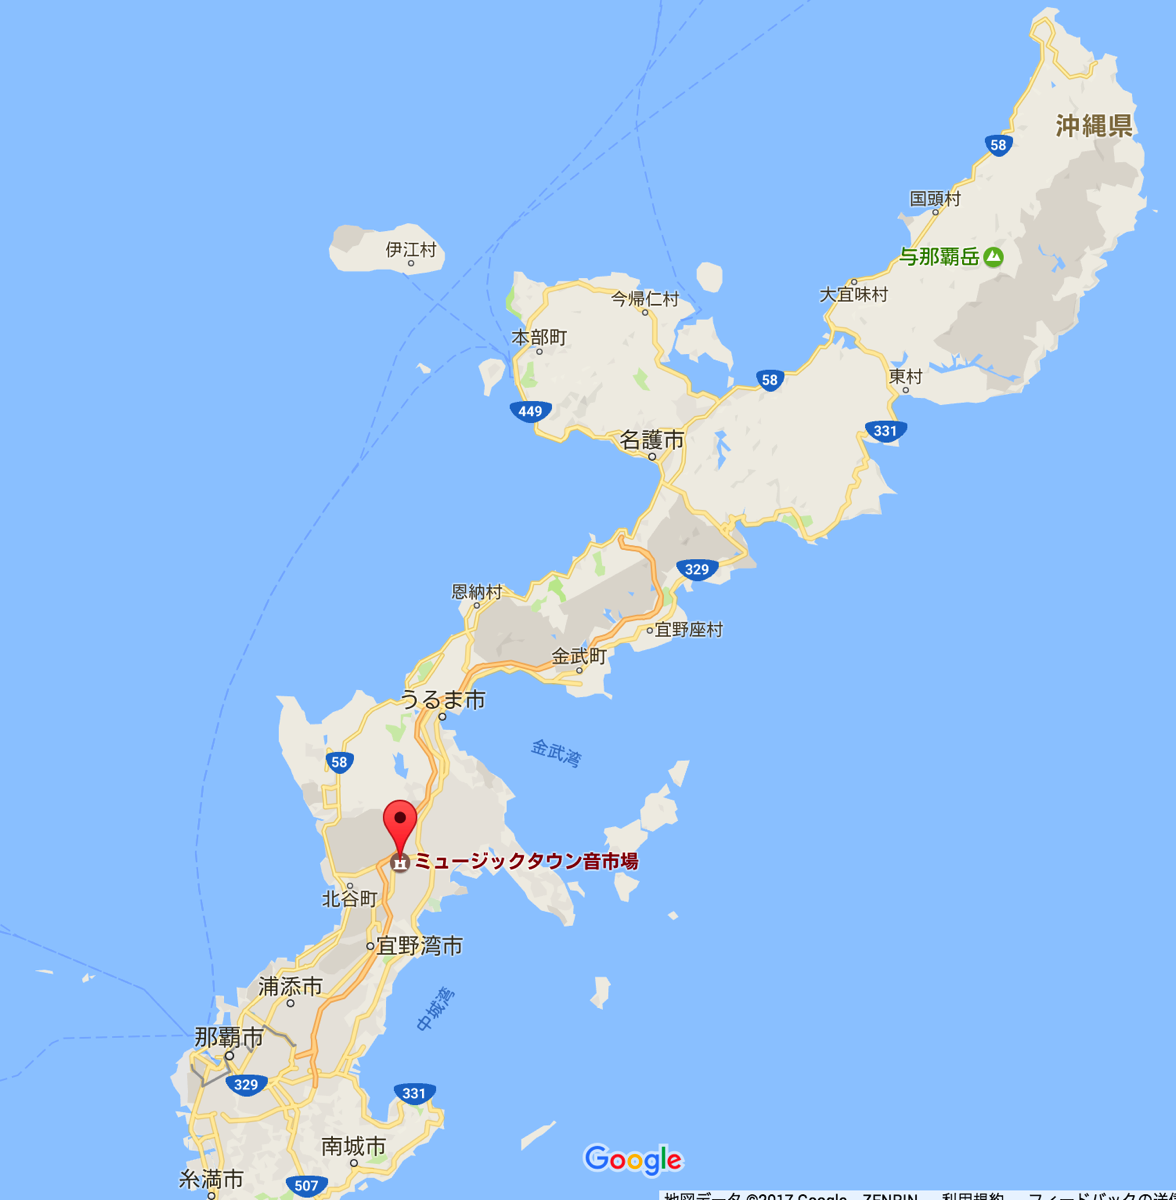 DIR EN GREYが次のツアーでやる「沖縄ミュージックタウン音市場」について調べてみた